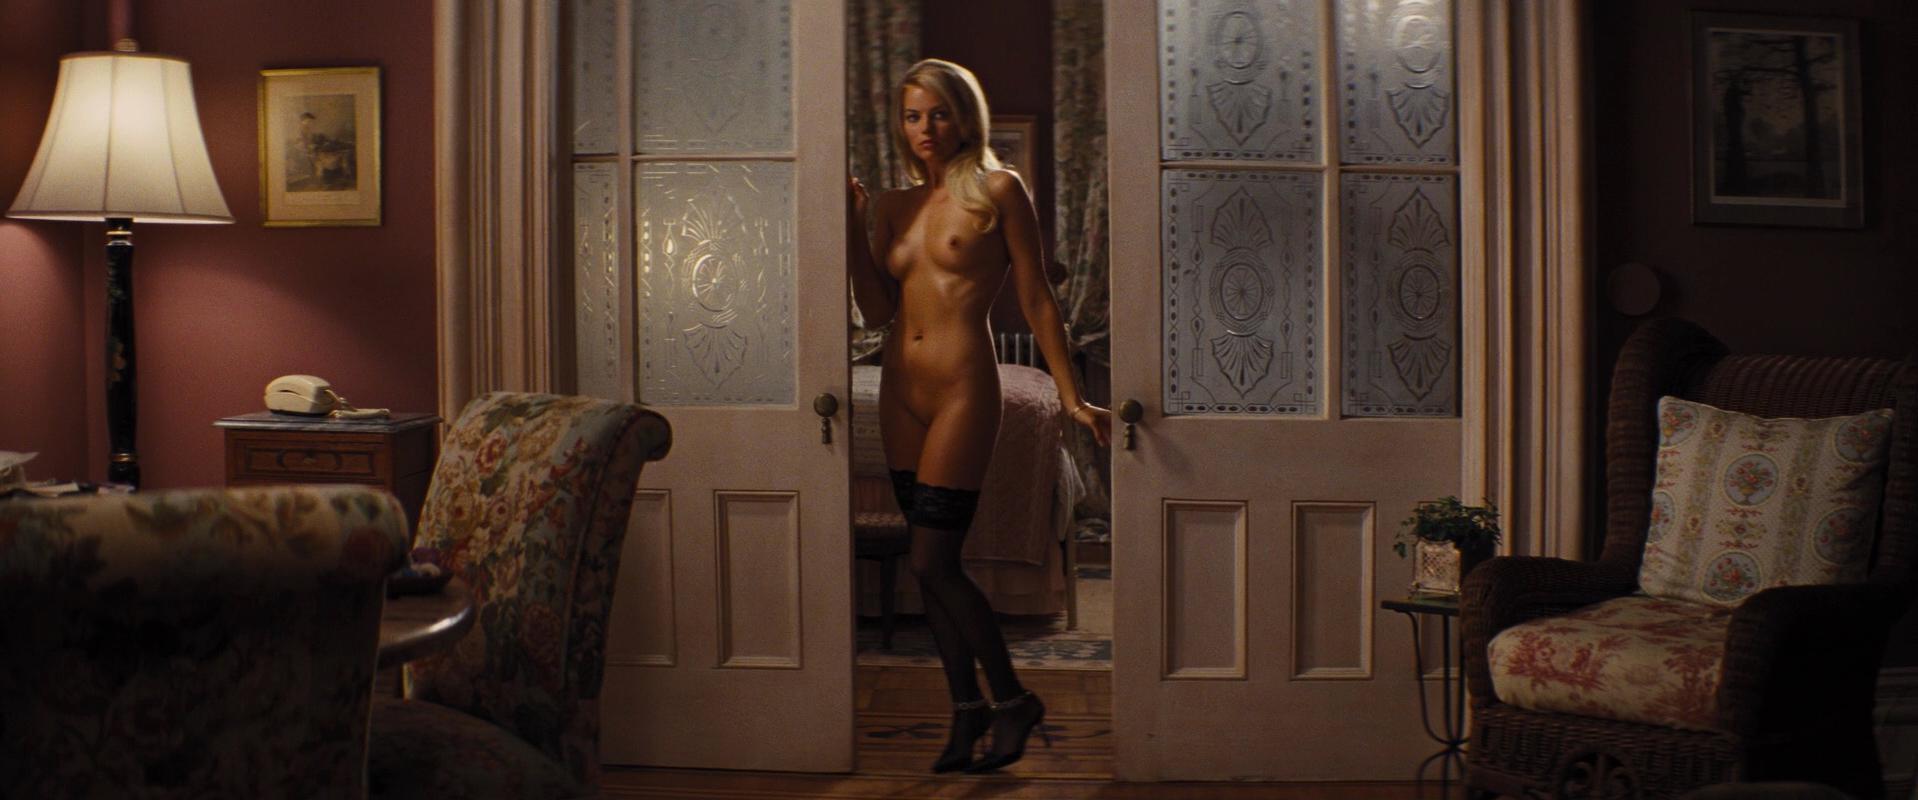 Porn margot robbie nude